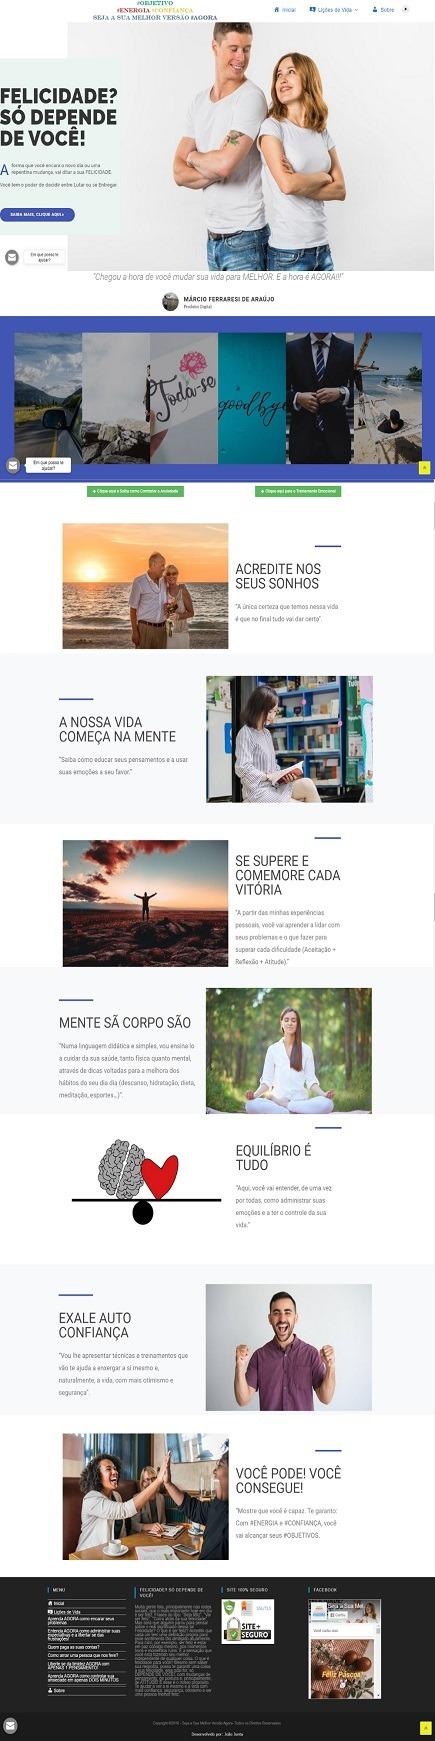 Modelo SSVA digital-junta